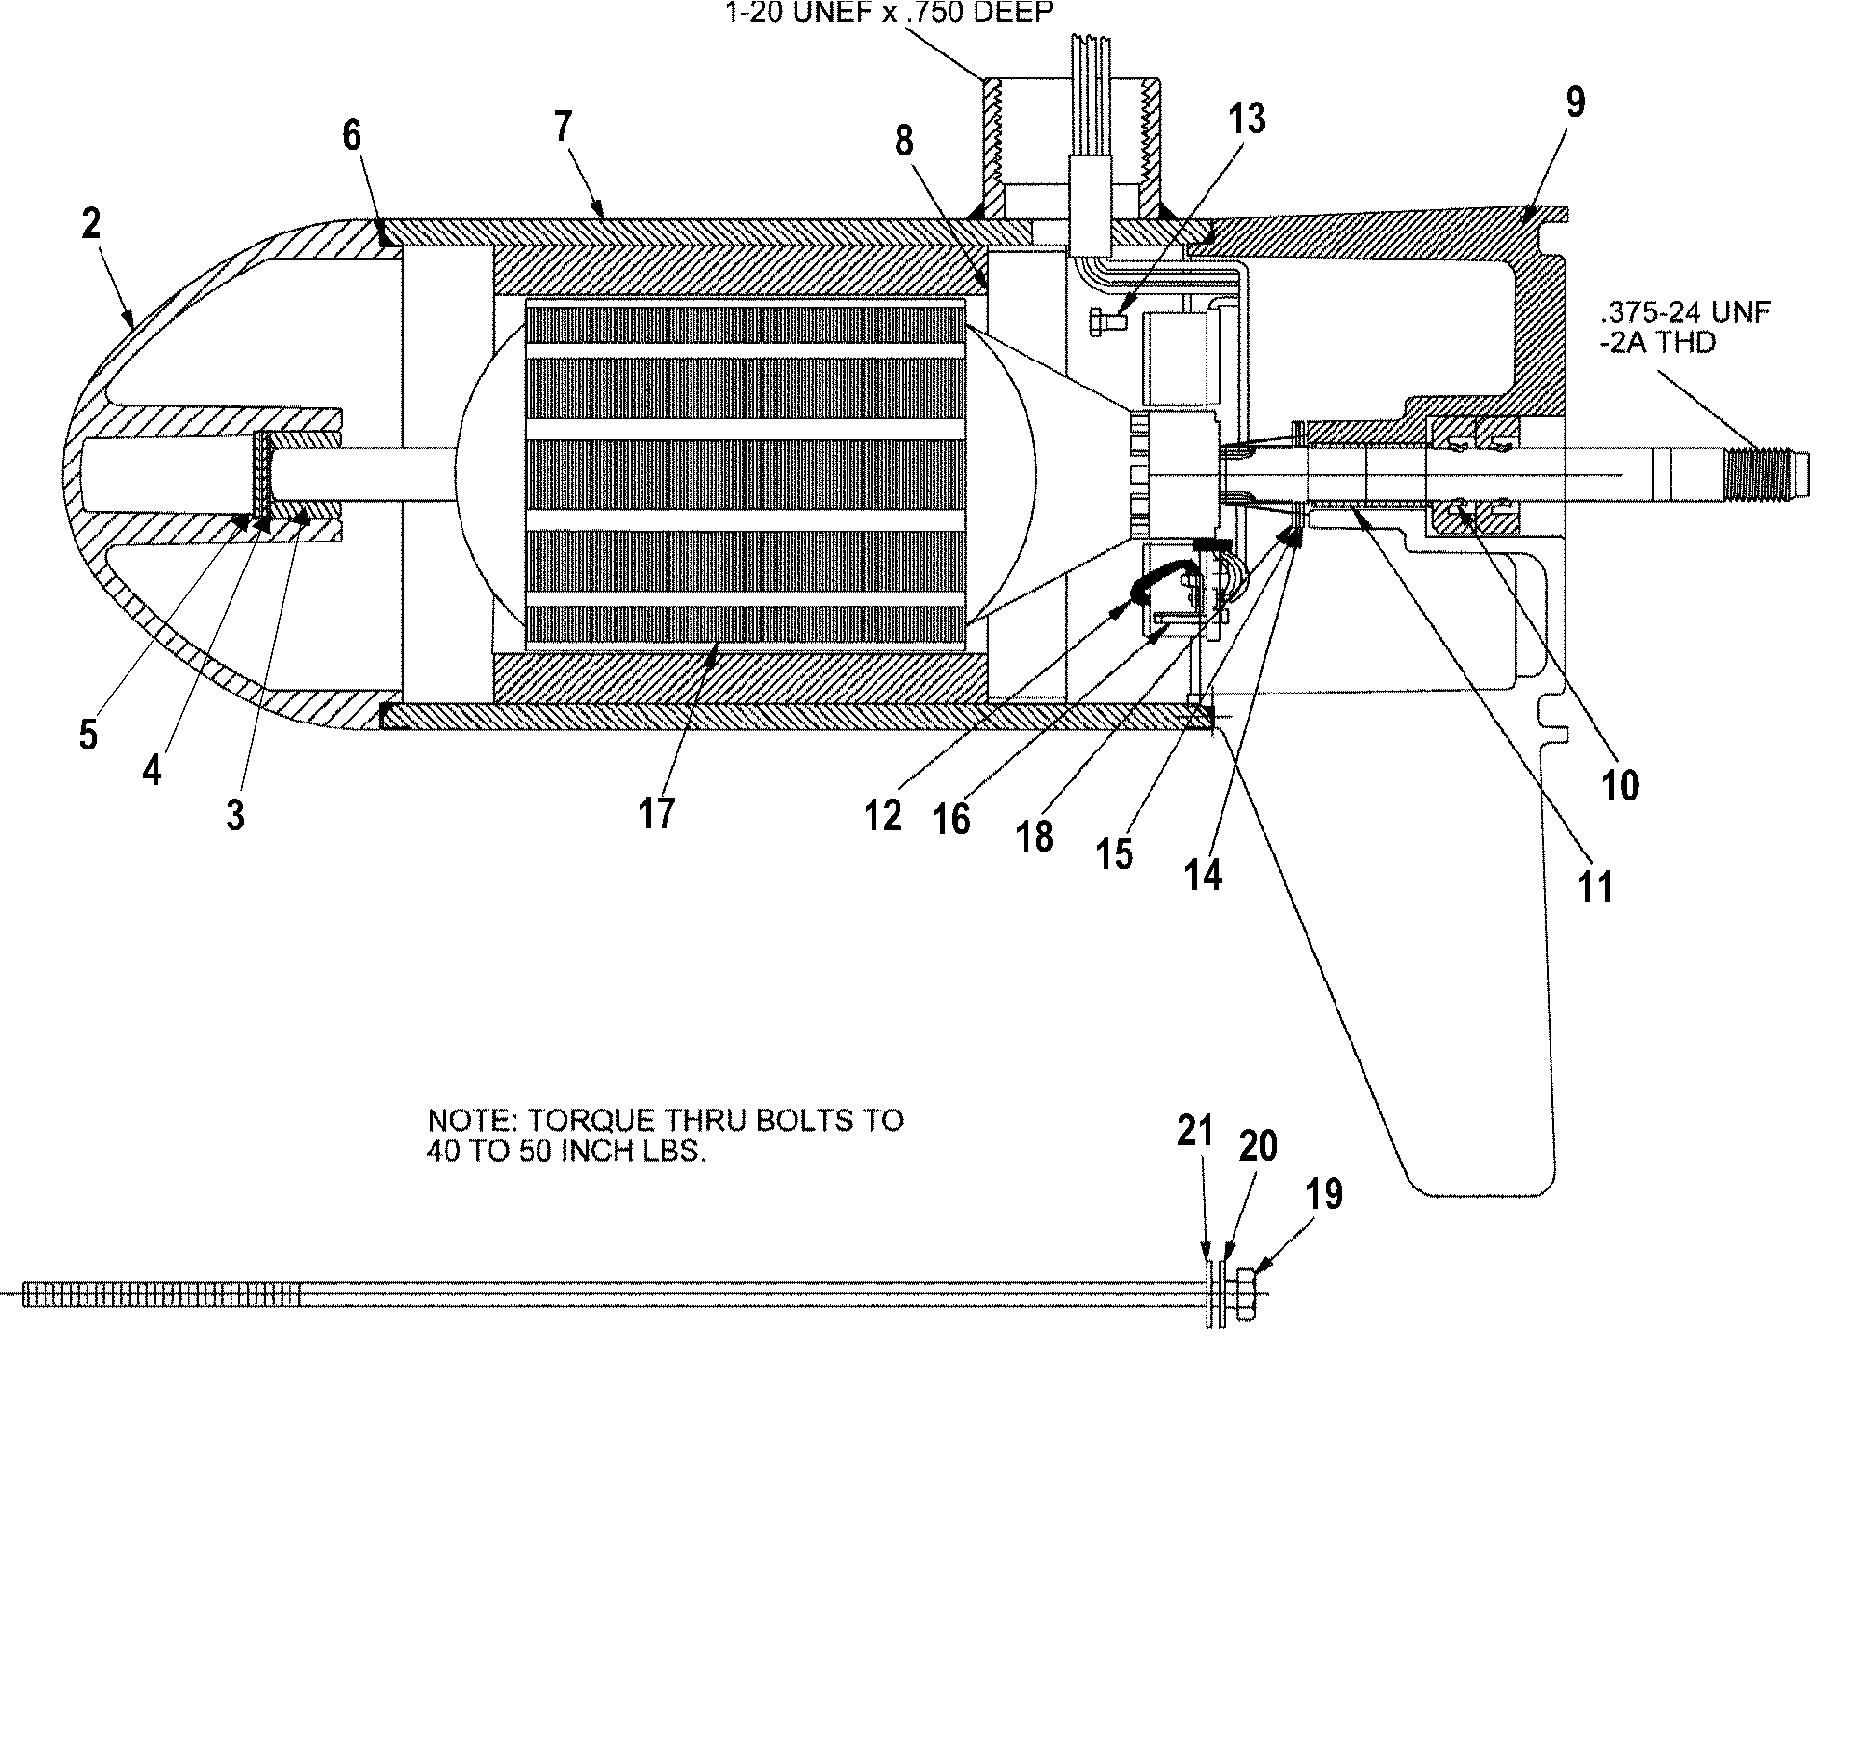 motorguide wireless trolling motor diagram power pole